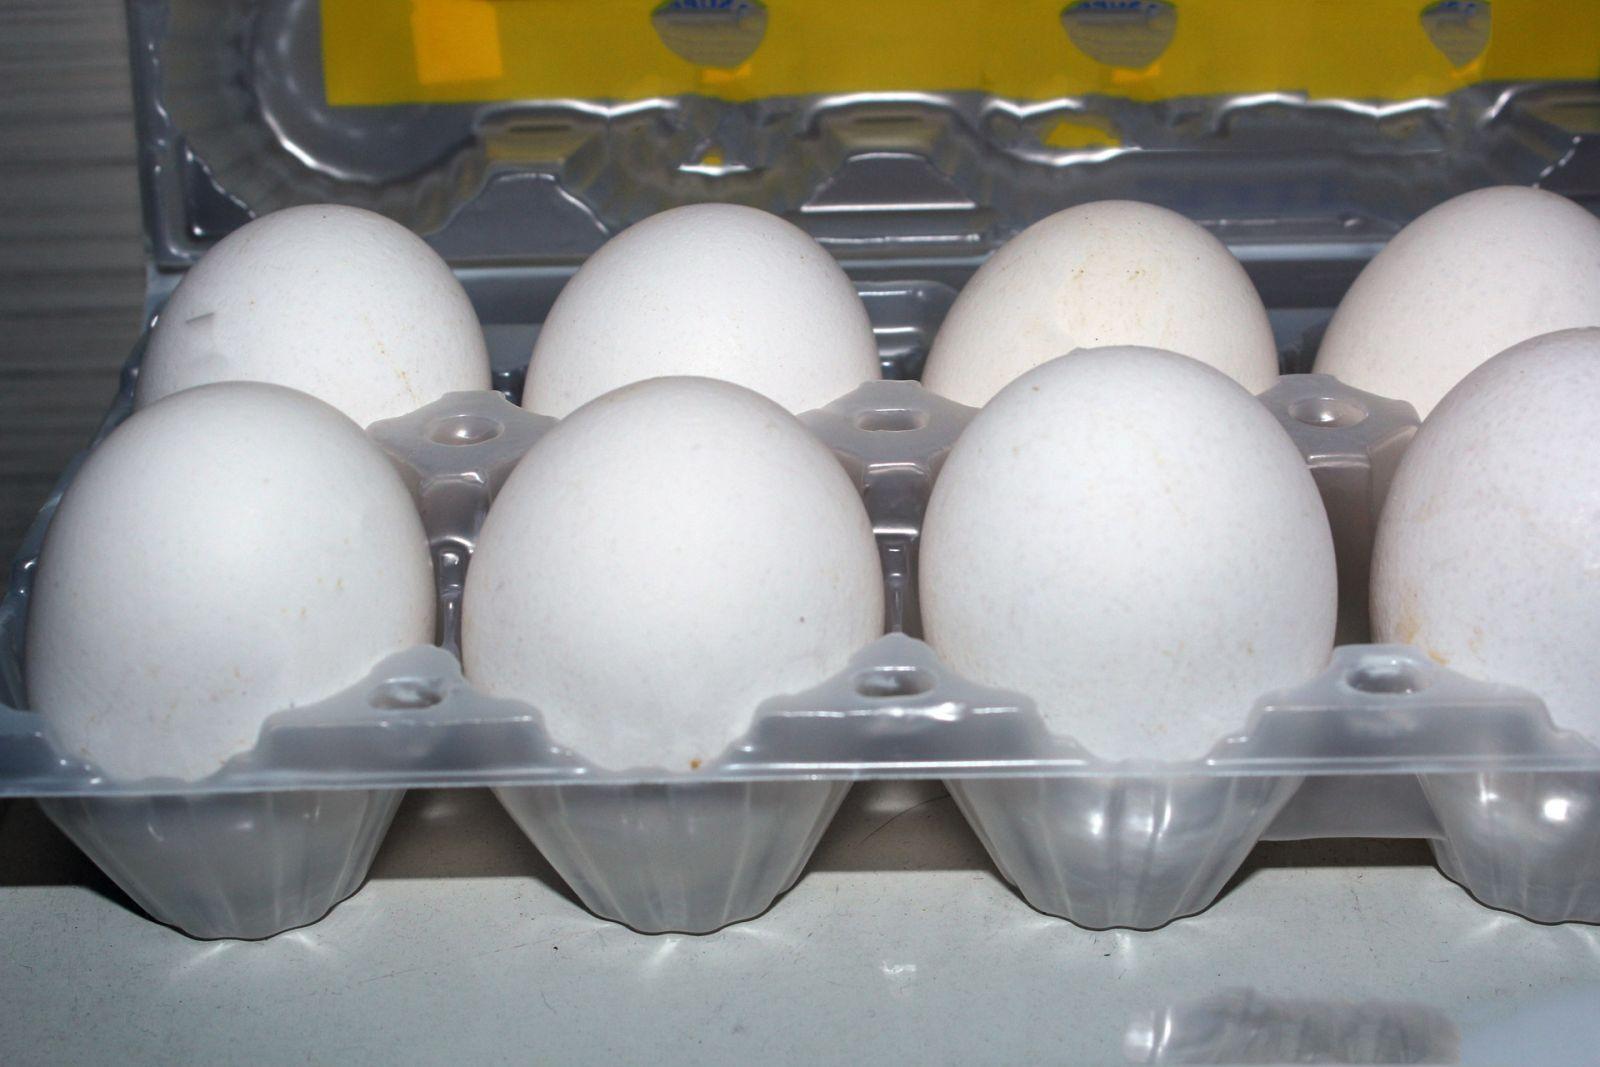 Укладка яиц в контейнере